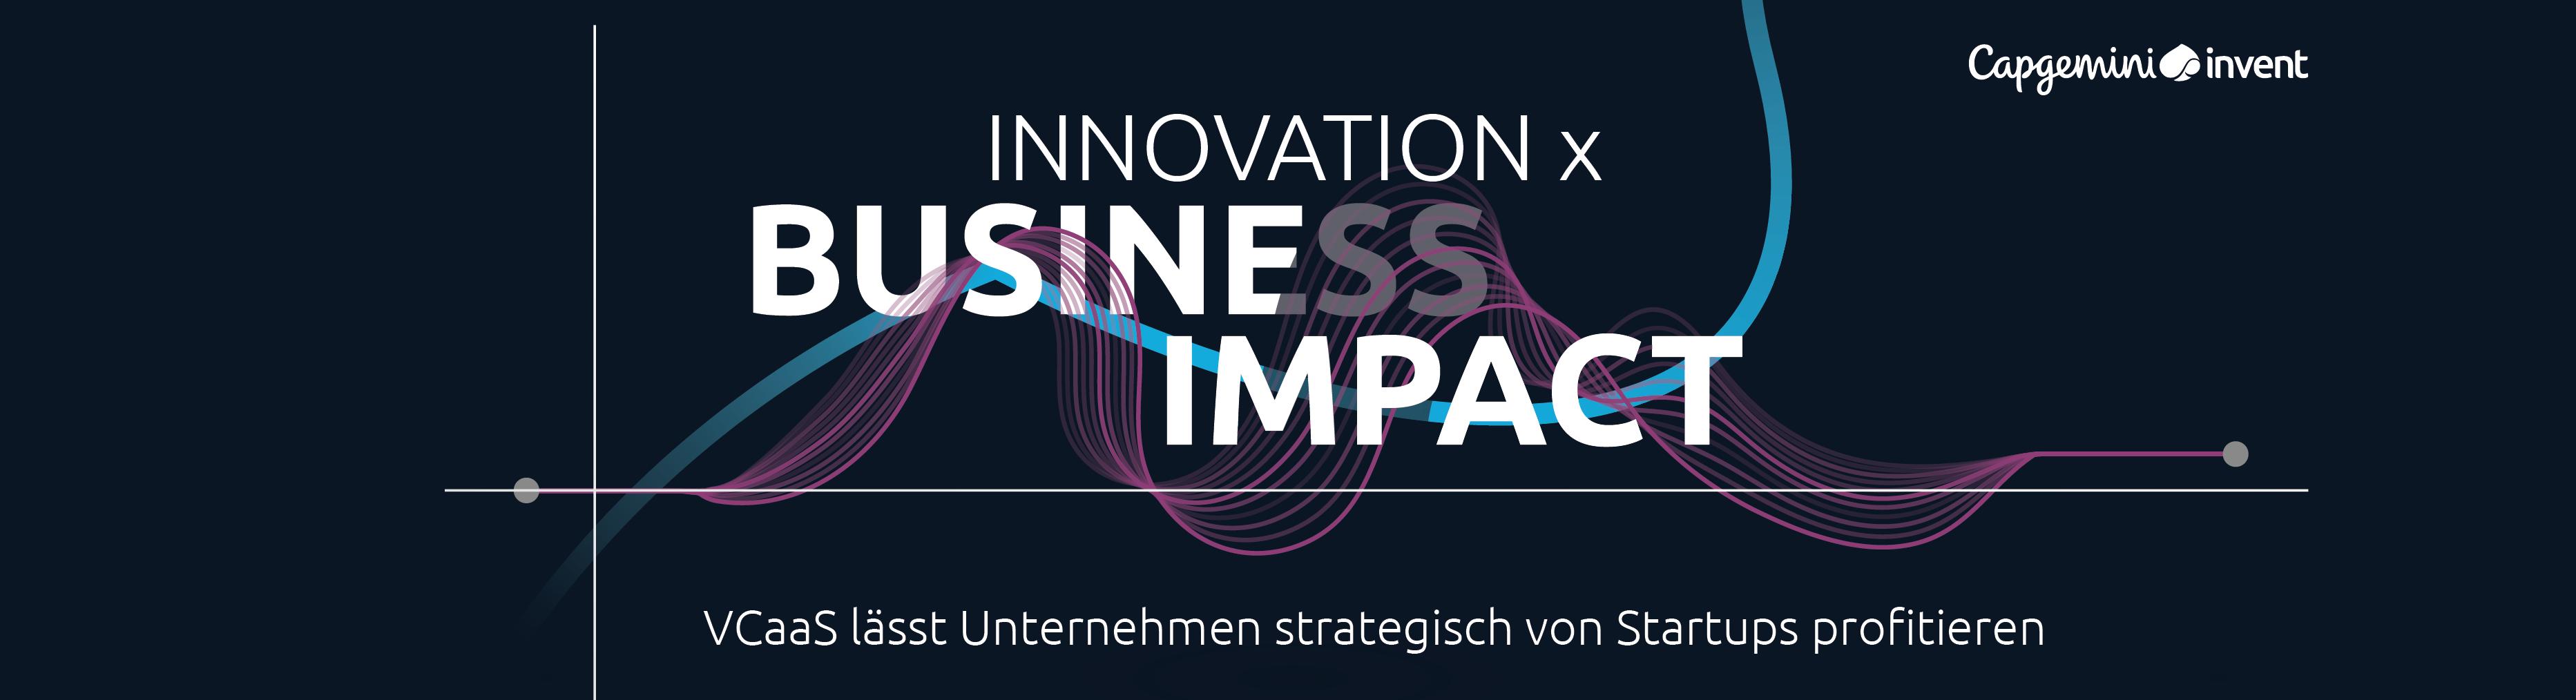 Strategisch-von-Startups-profitieren_Capgemini-Invent